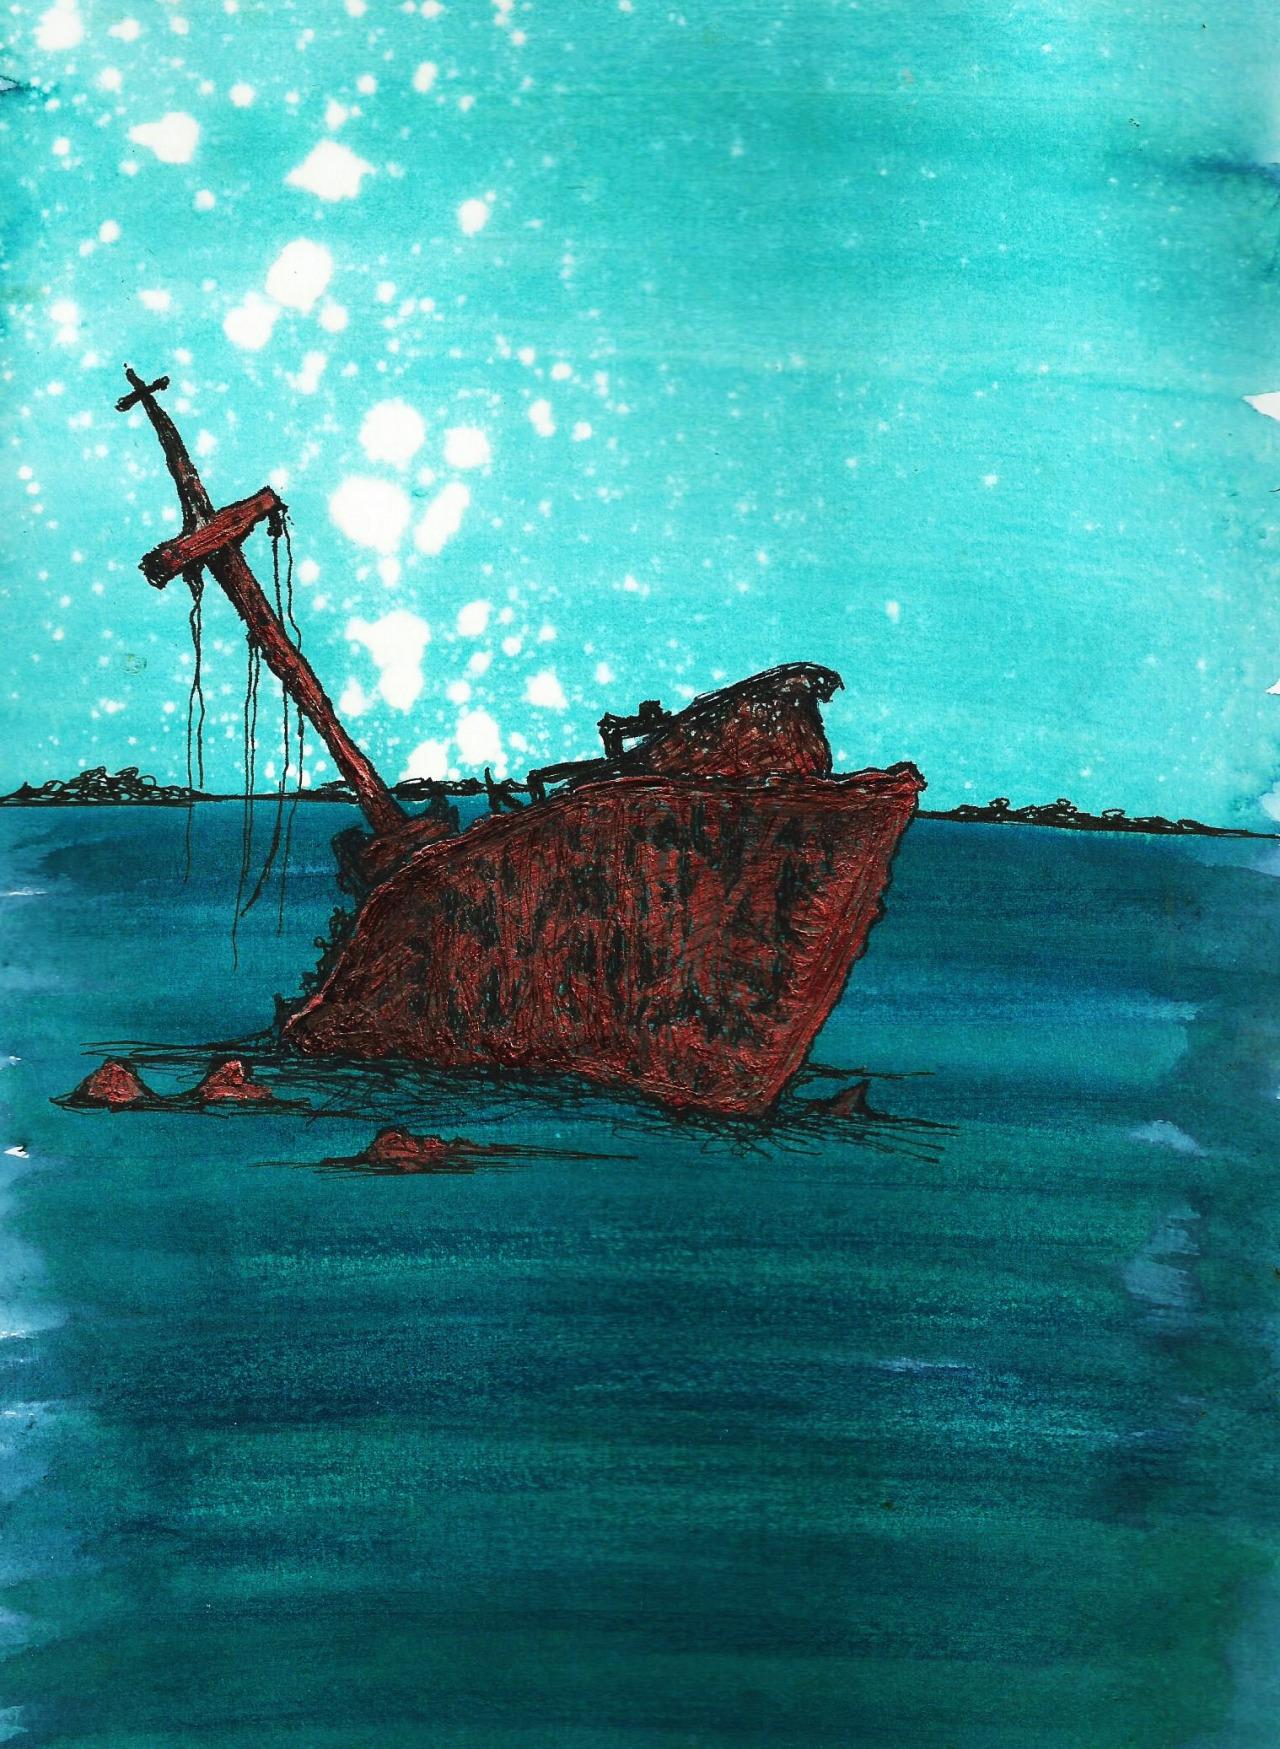 Shipwreck 12